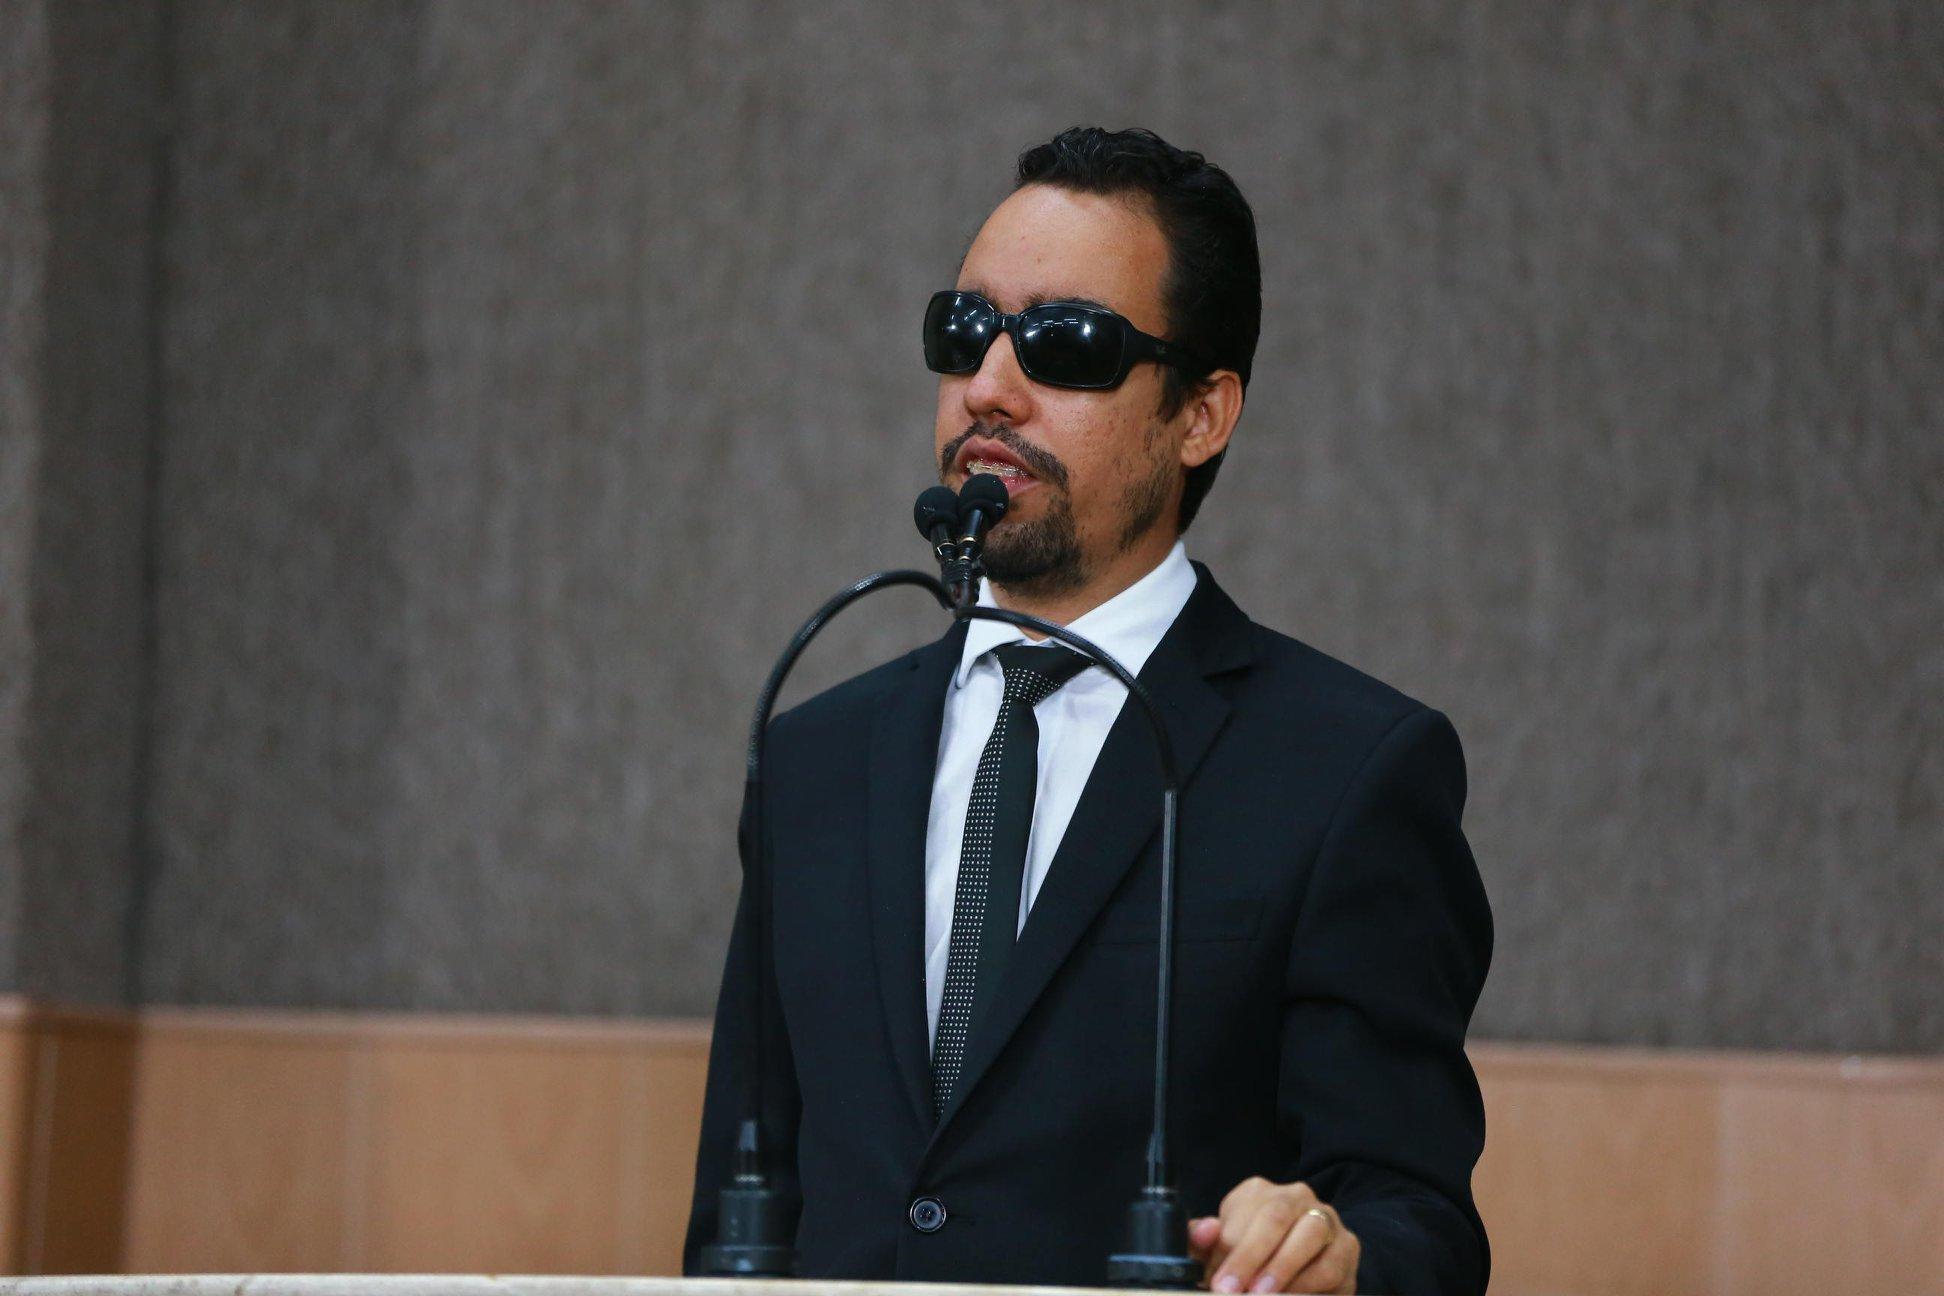 #PraTodoMundoVer Lucas Aribé em pé na tribuna, falando ao microfone. (Foto: César de Oliveira)